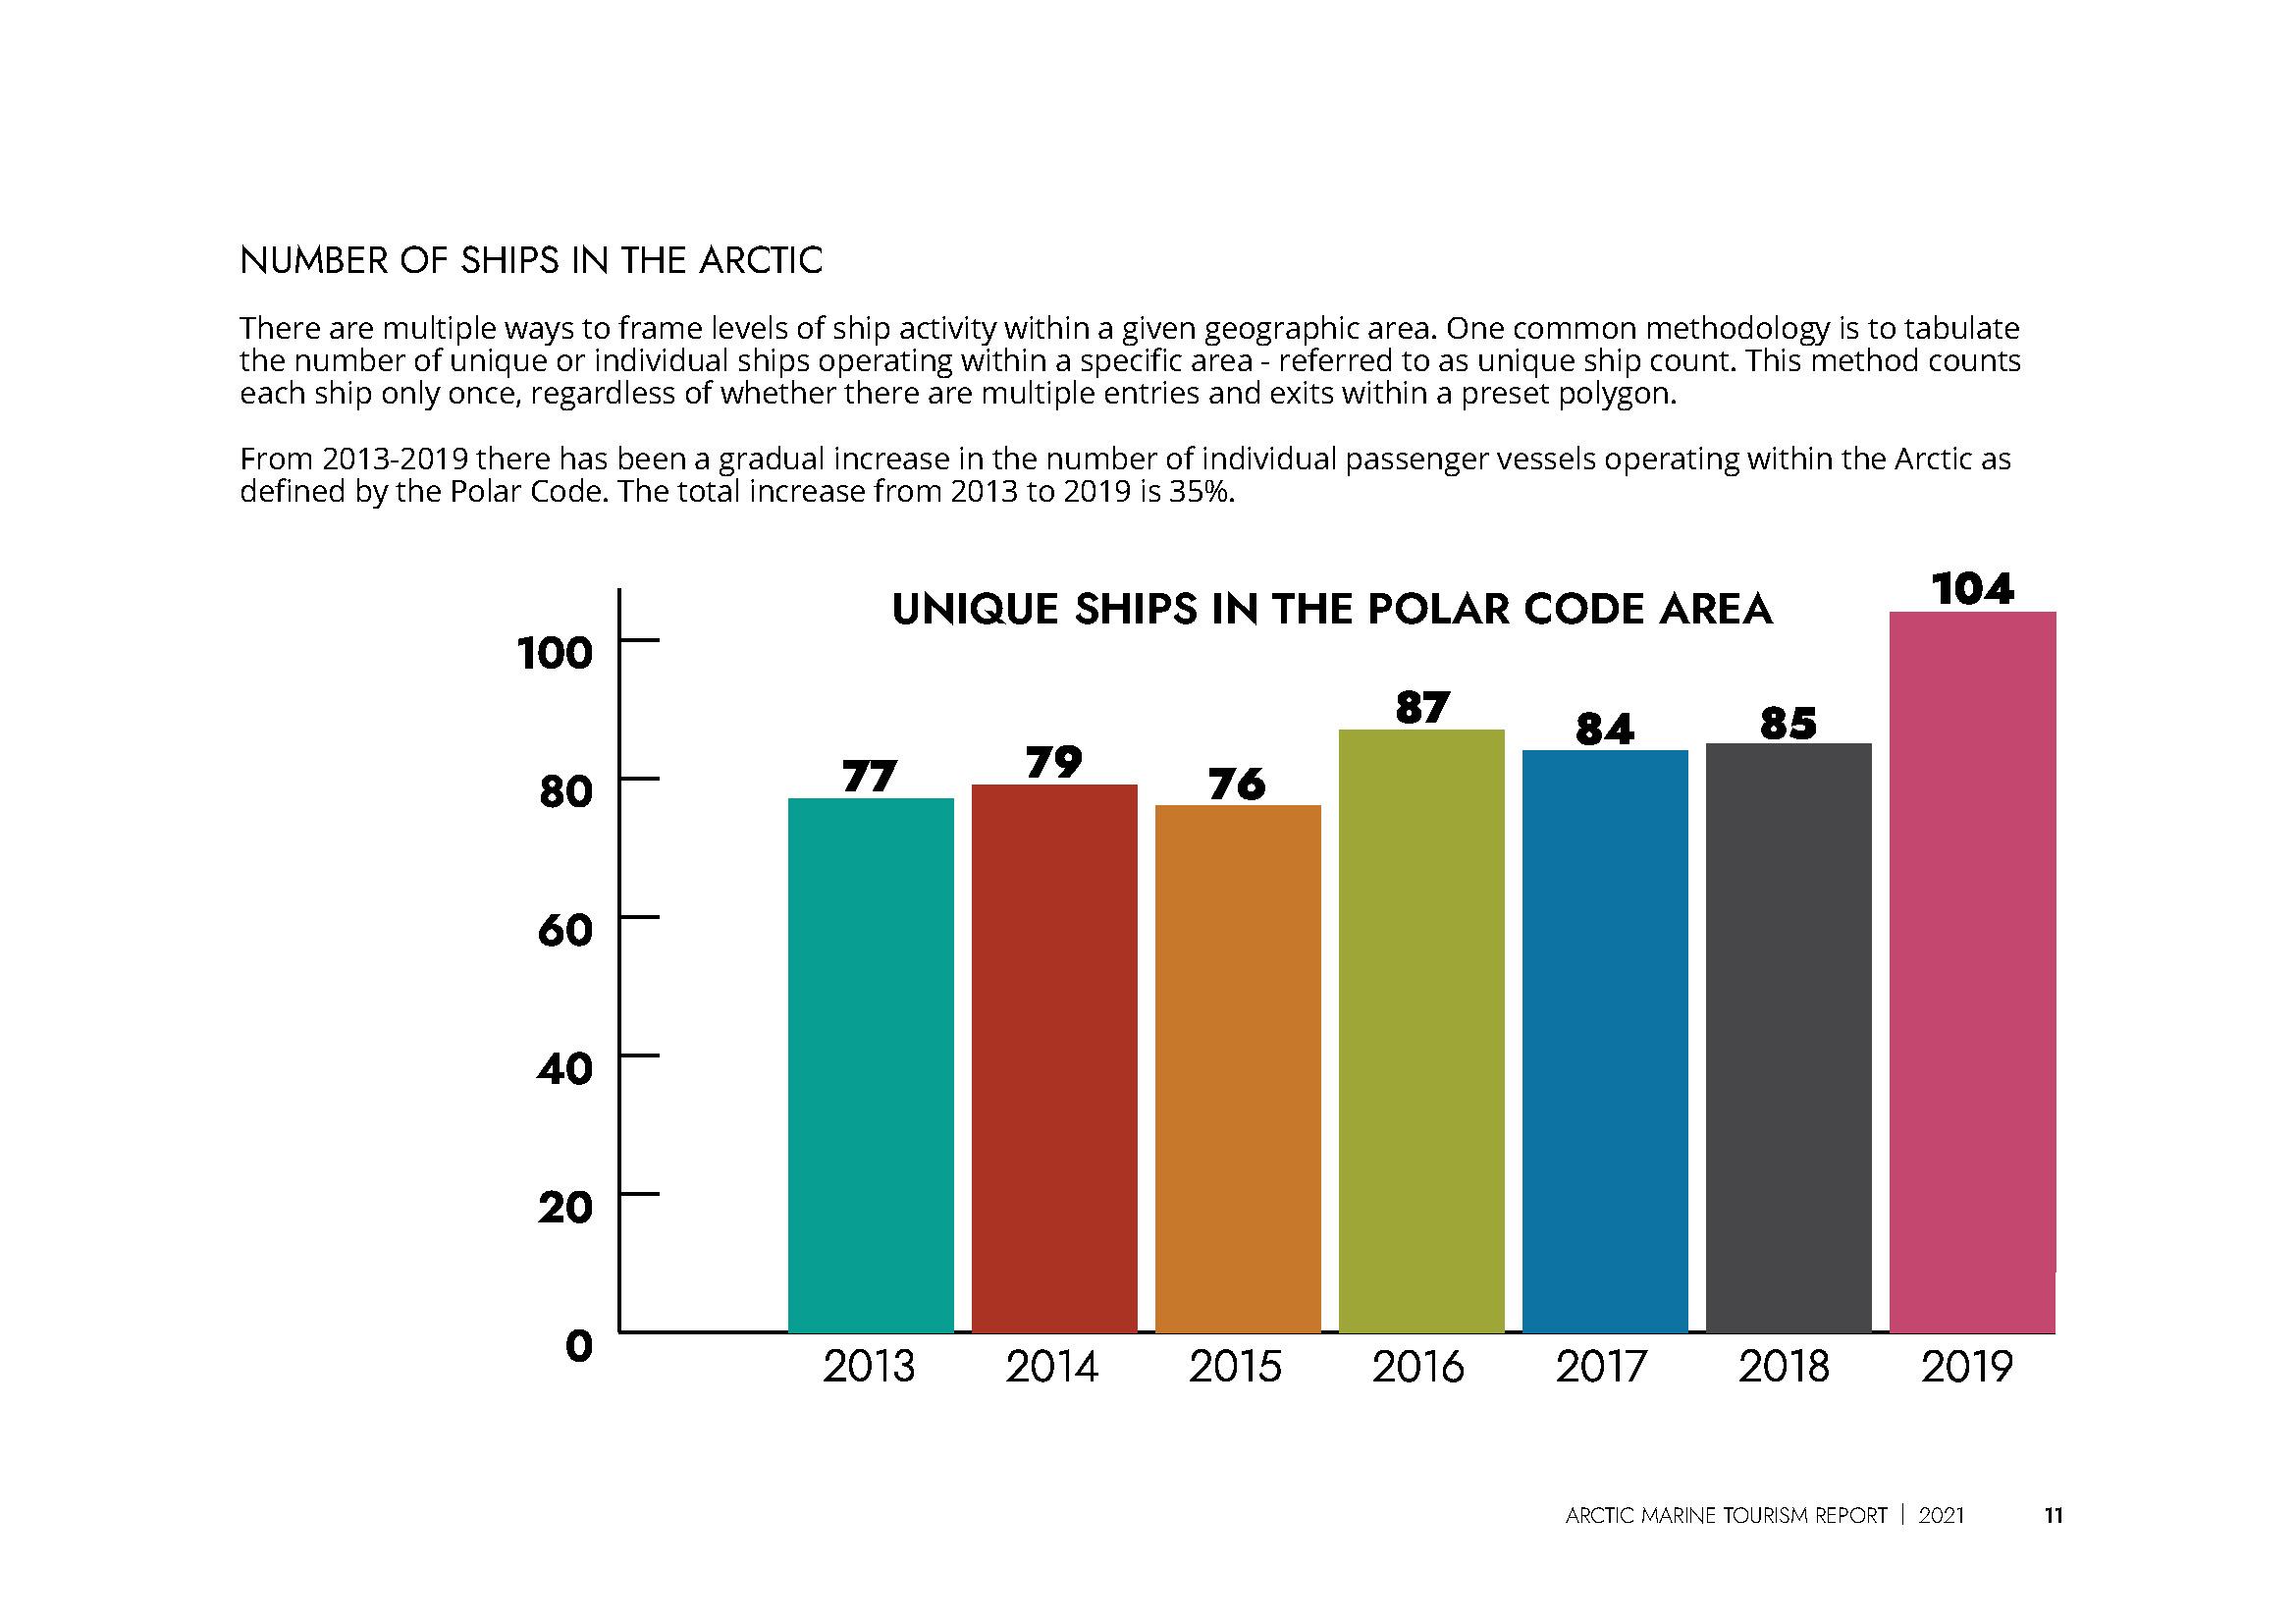 Unique Ships in the Polar Code Area: 2013-2019